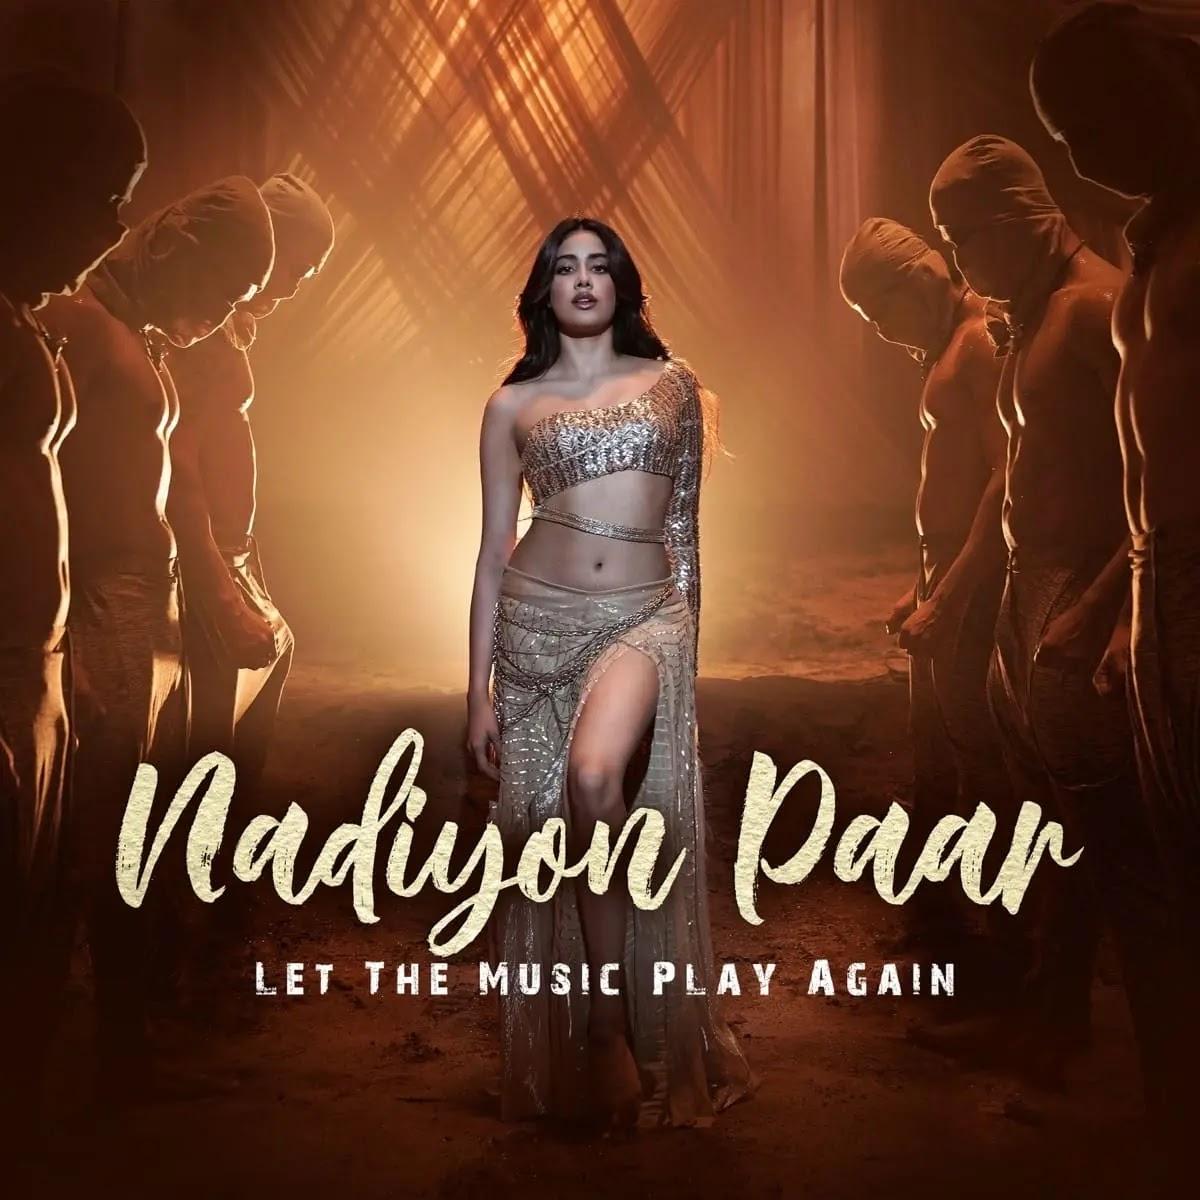 Nadiyon Paar Roohi MP3 Song Download 320kbps